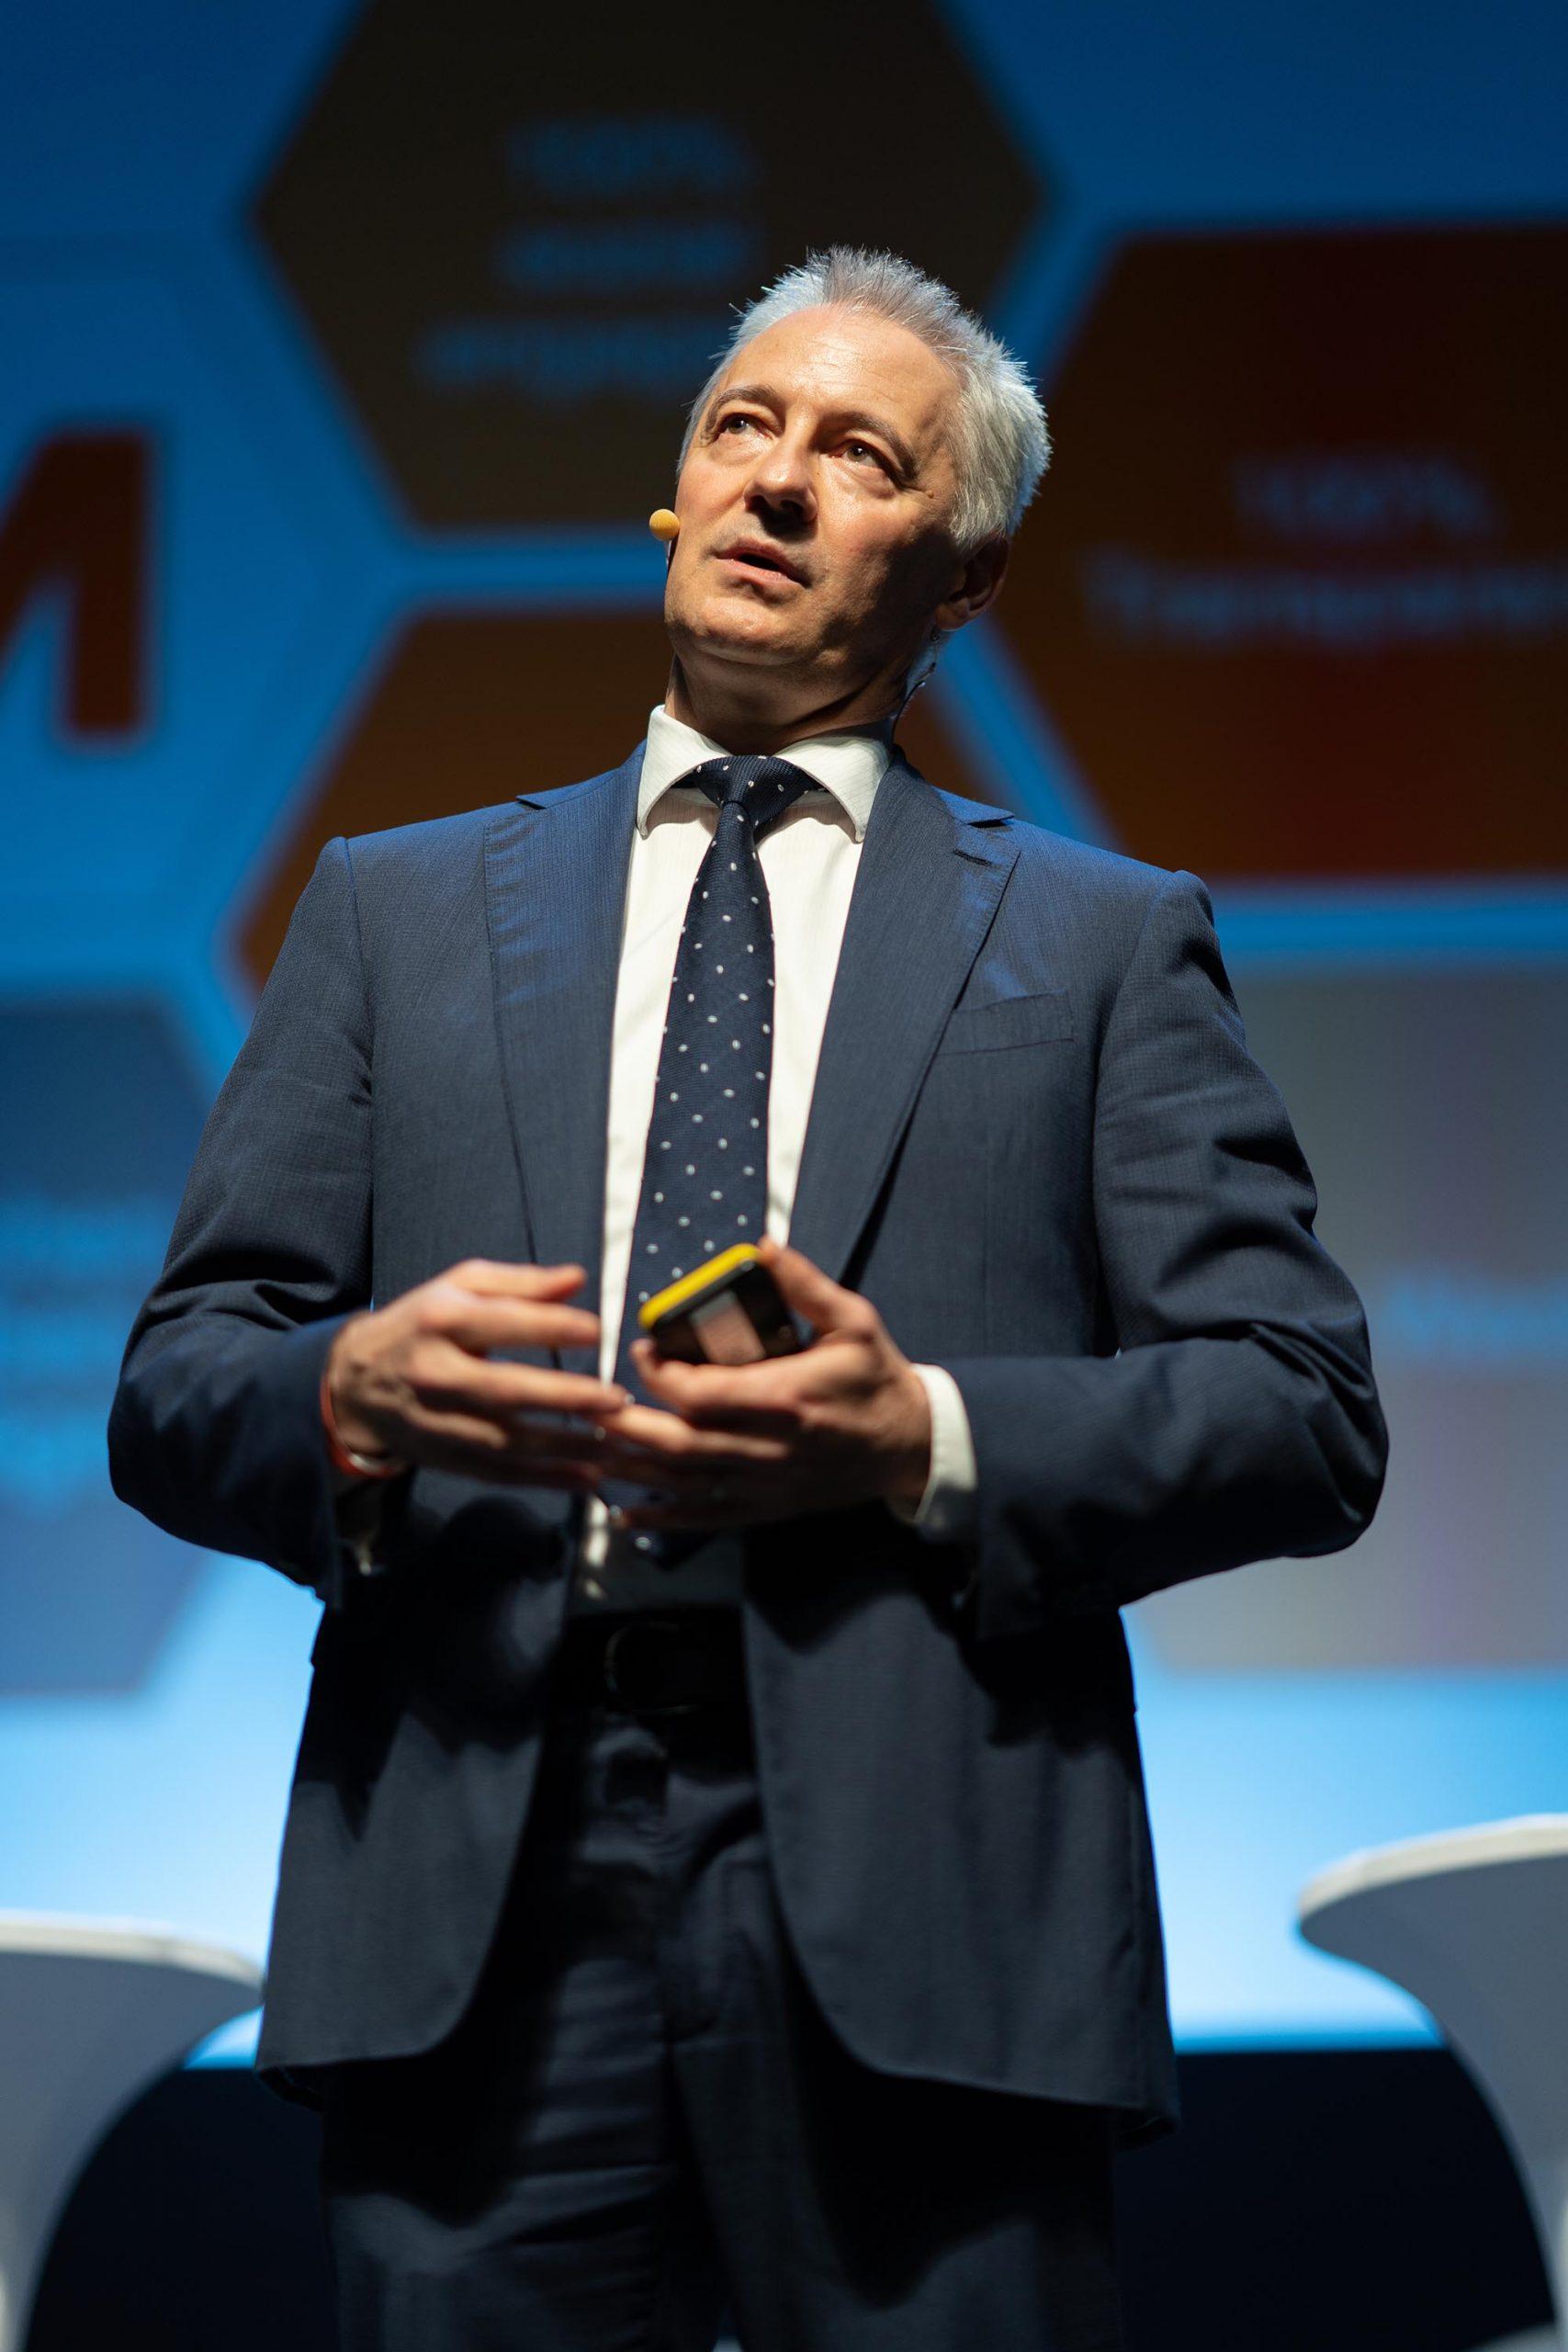 SGES Keynote: Fabrice Zumbrunnen, Präsident der Generaldirektion des Migros-Genossenschafts-Bundes